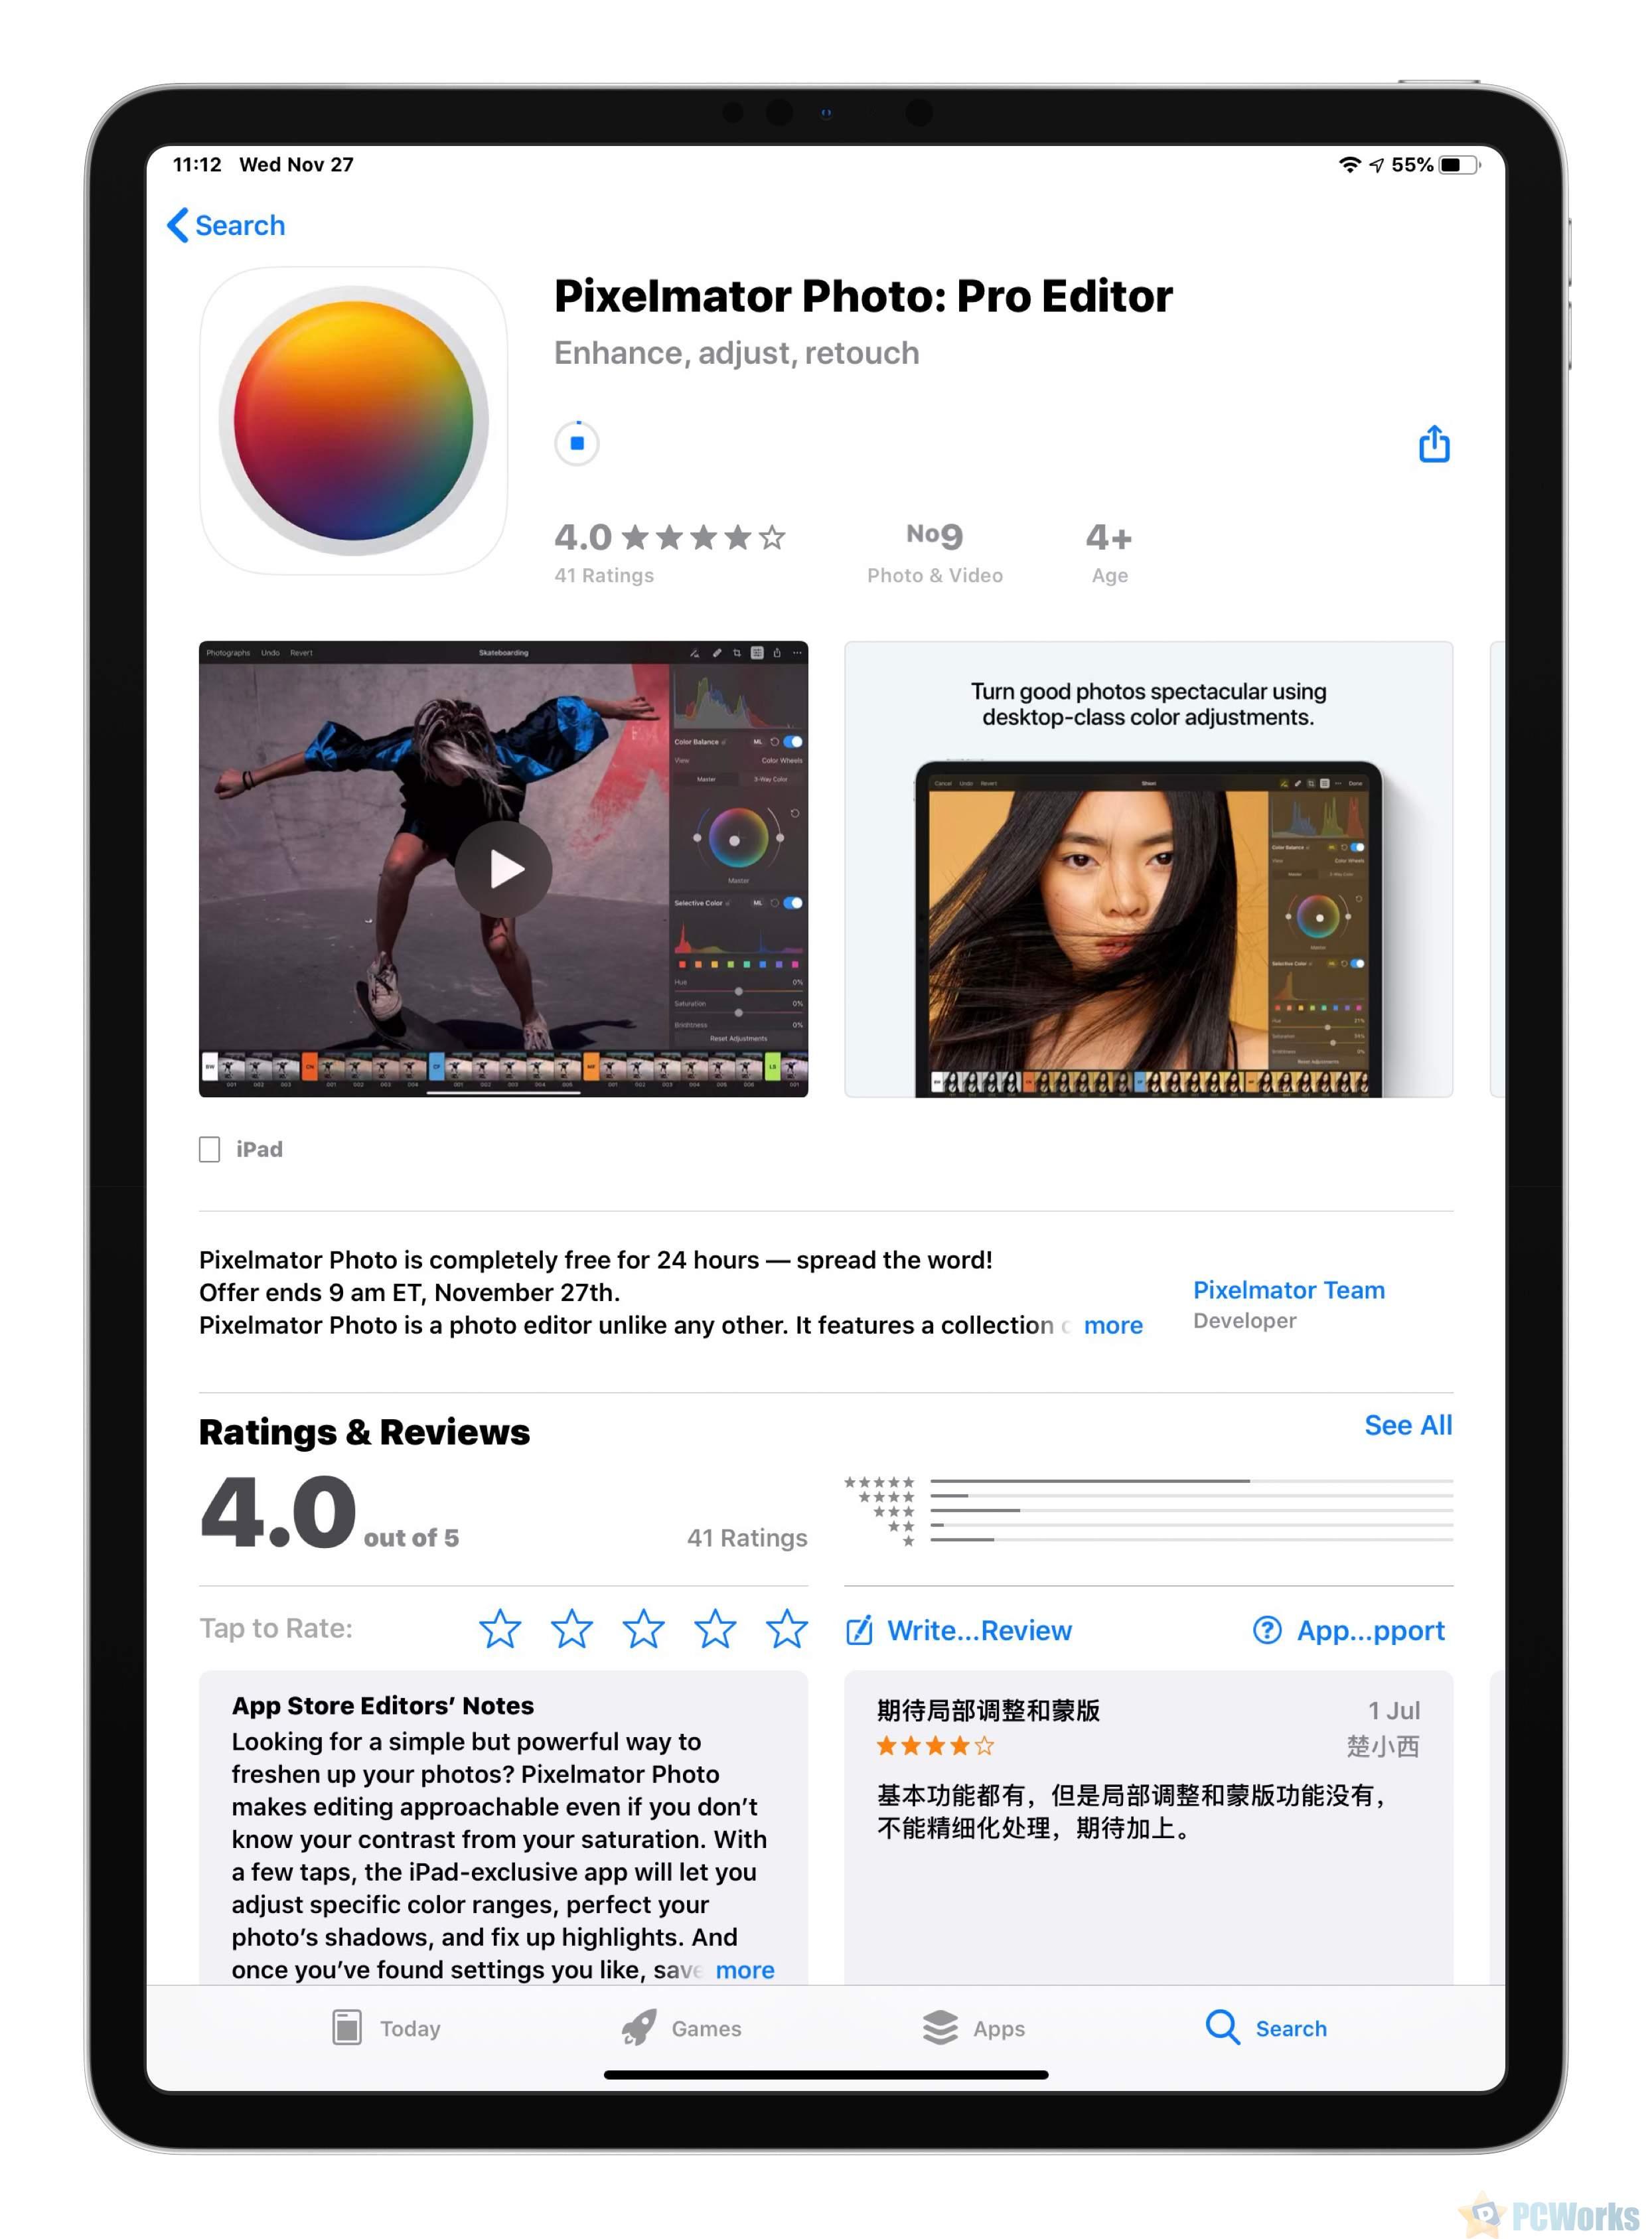 [iPad]Pixelmator Photo 开启限免 – 著名图像编辑应用